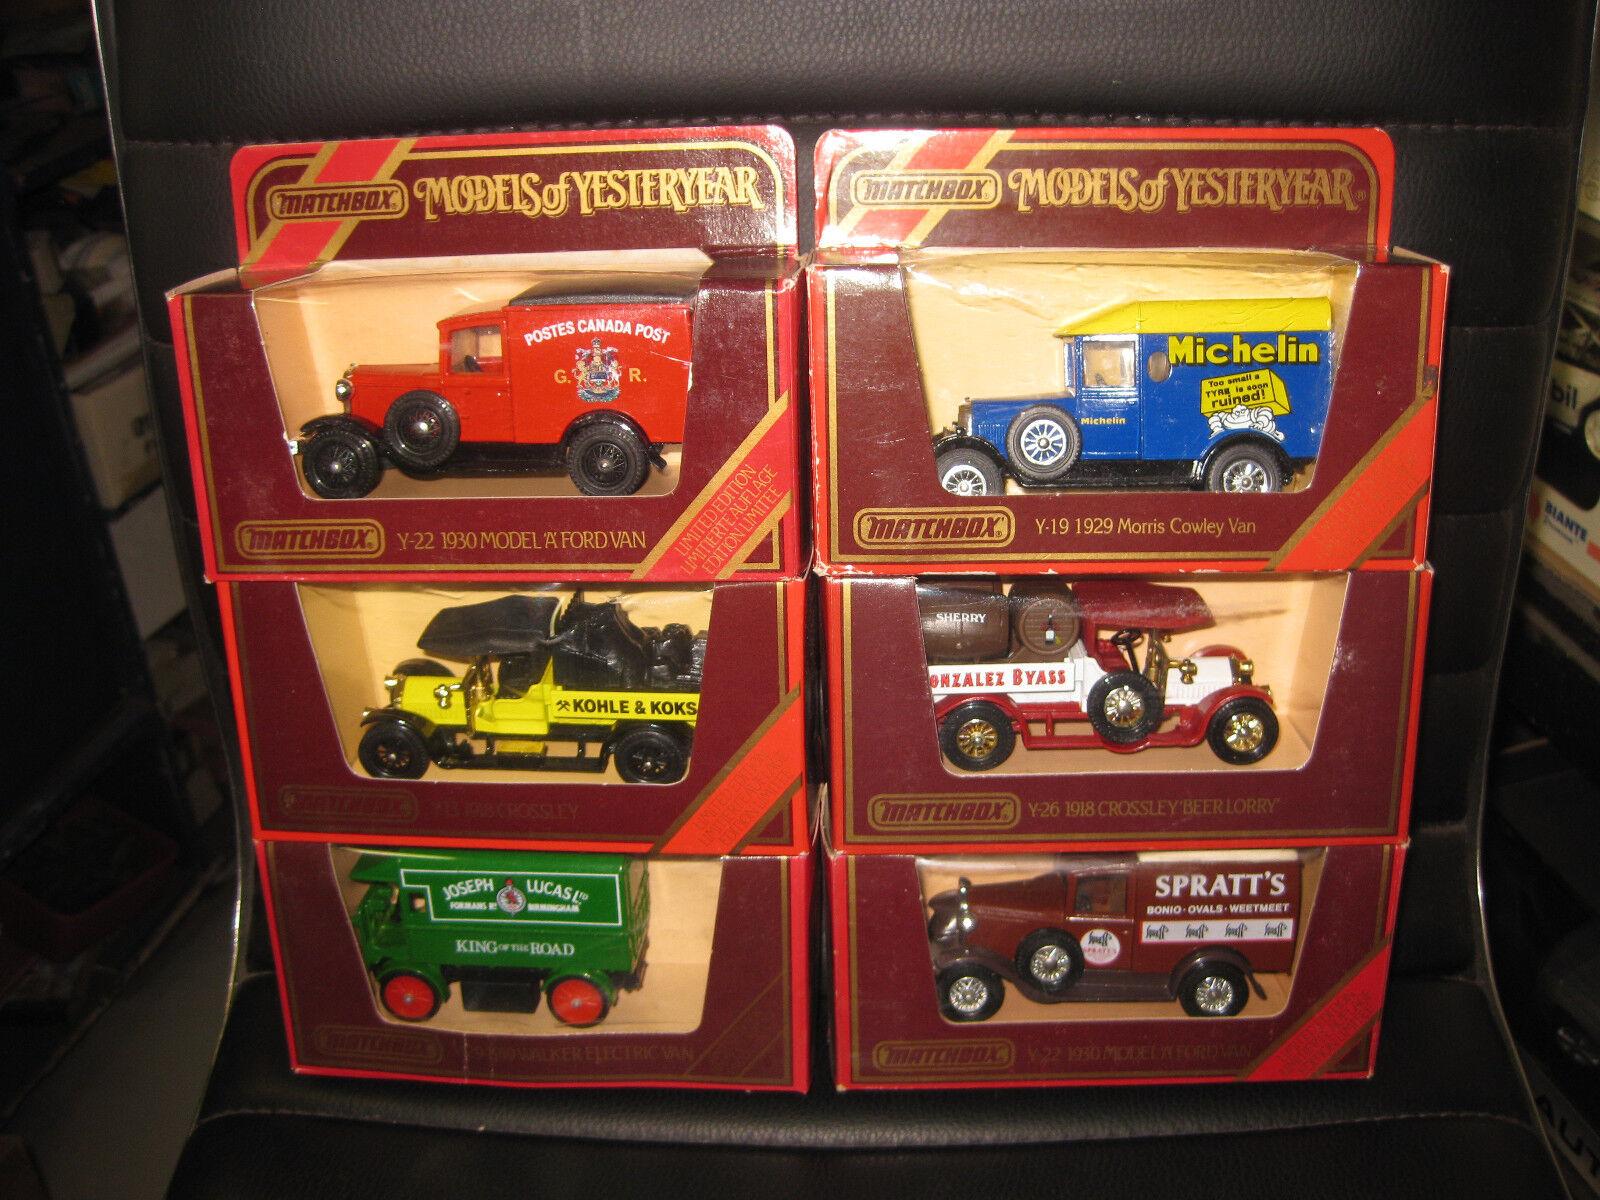 6 X MATCHBOX MODELS OF YESTERYEAR Y-29 2 x Y-22 Y-13 Y-19 Y-26  BOXED RARE